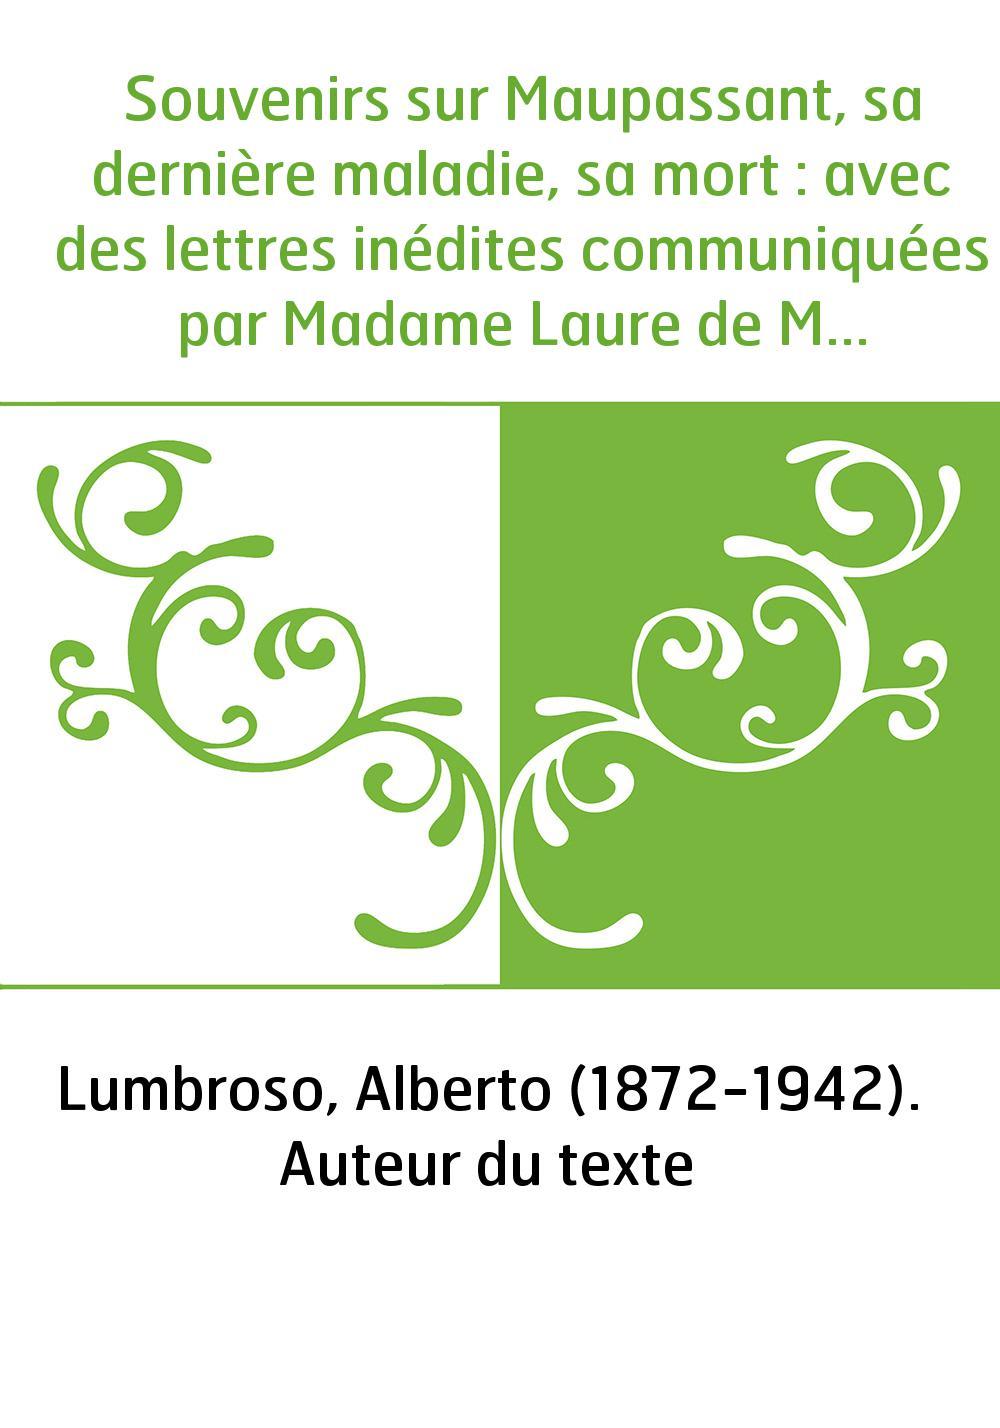 Souvenirs sur Maupassant, sa dernière maladie, sa mort : avec des lettres inédites communiquées par Madame Laure de Maupassant,